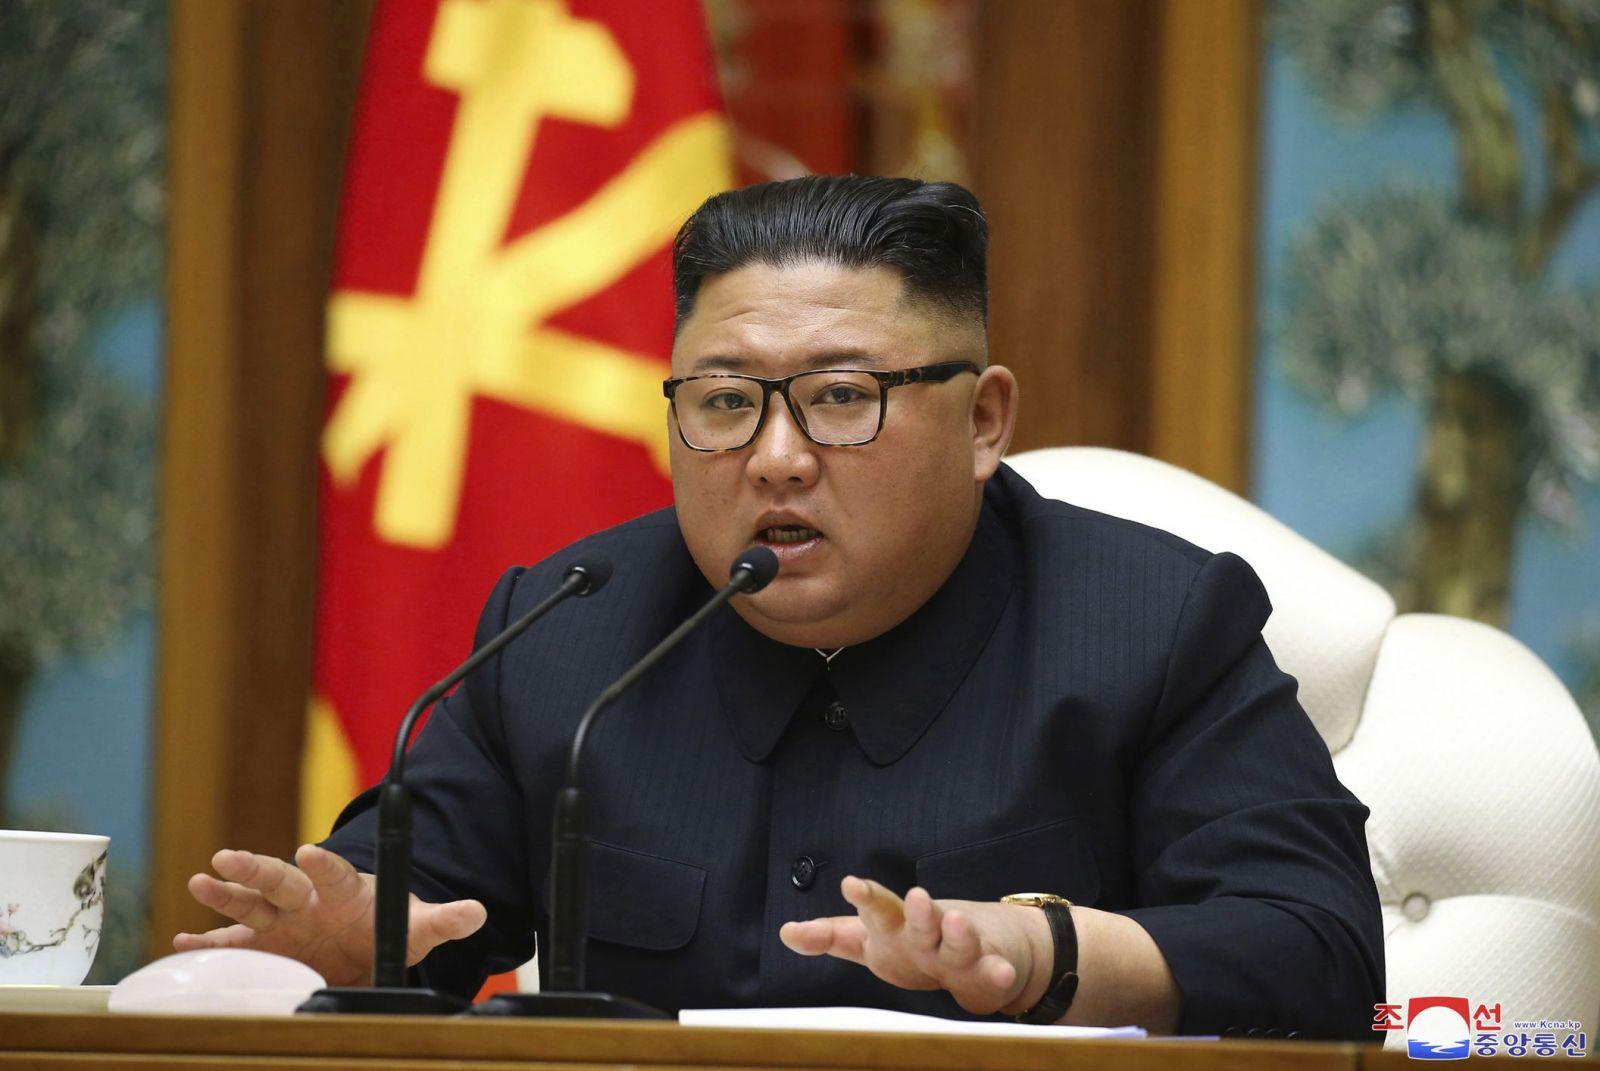 Na archívnej snímke z 11. apríla 2020 severokórejský vodca Kim Čong-un predsedá sobotňajšiemu zasadnutiu vládnej Kórejskej strany práce (KSP) v Pchjongjangu.